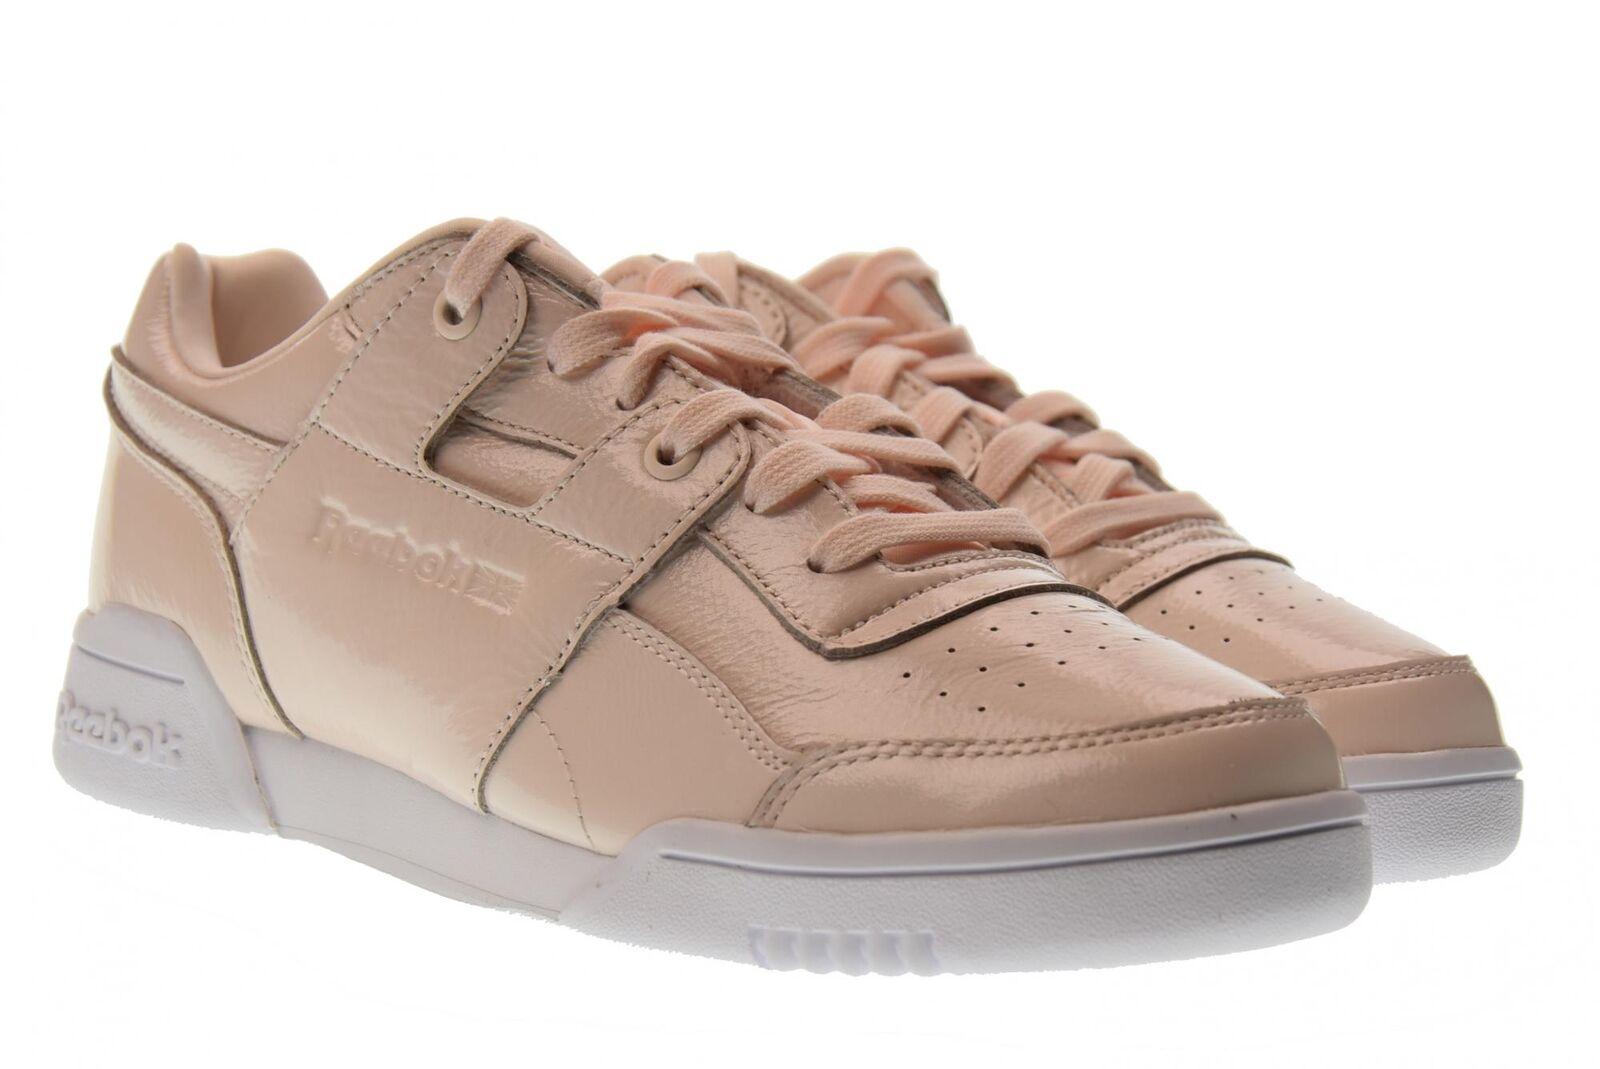 Reebok P18f chaussures basses baskets CM8951 W O f f f ca91b0